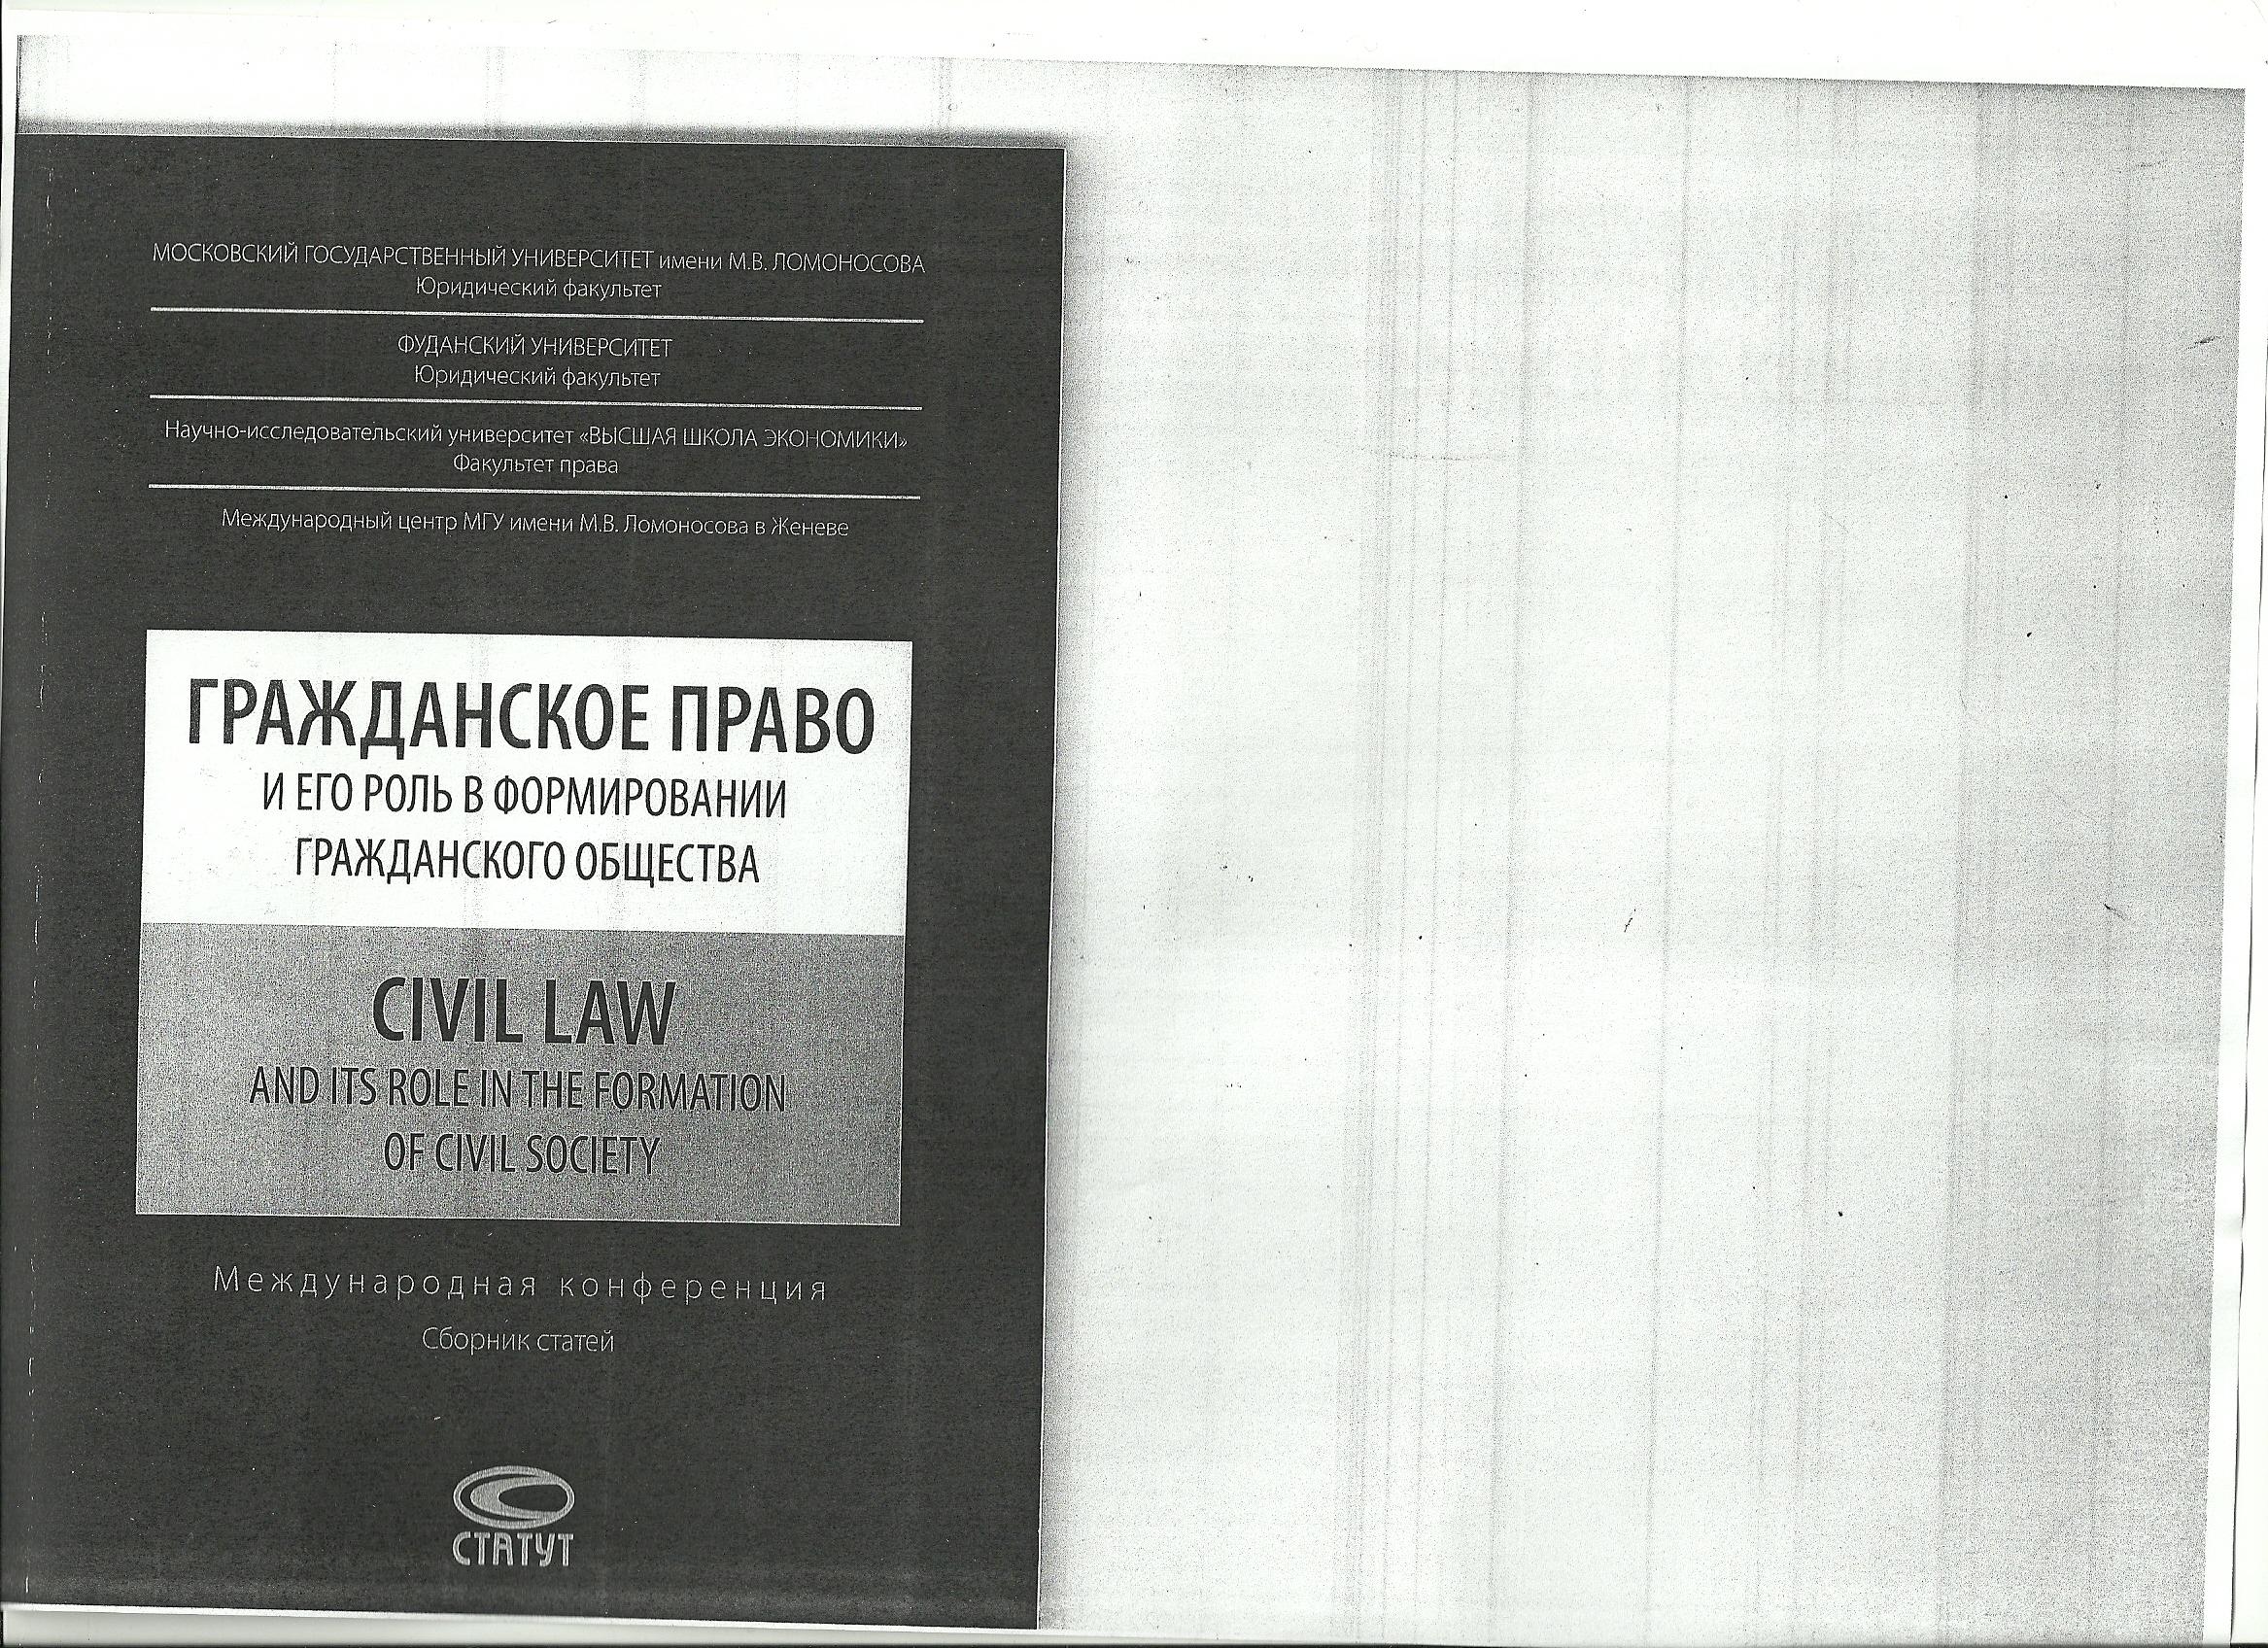 Гражданское право и его роль в формировании гражданского общества / Civil law and its Formation of Civil Society